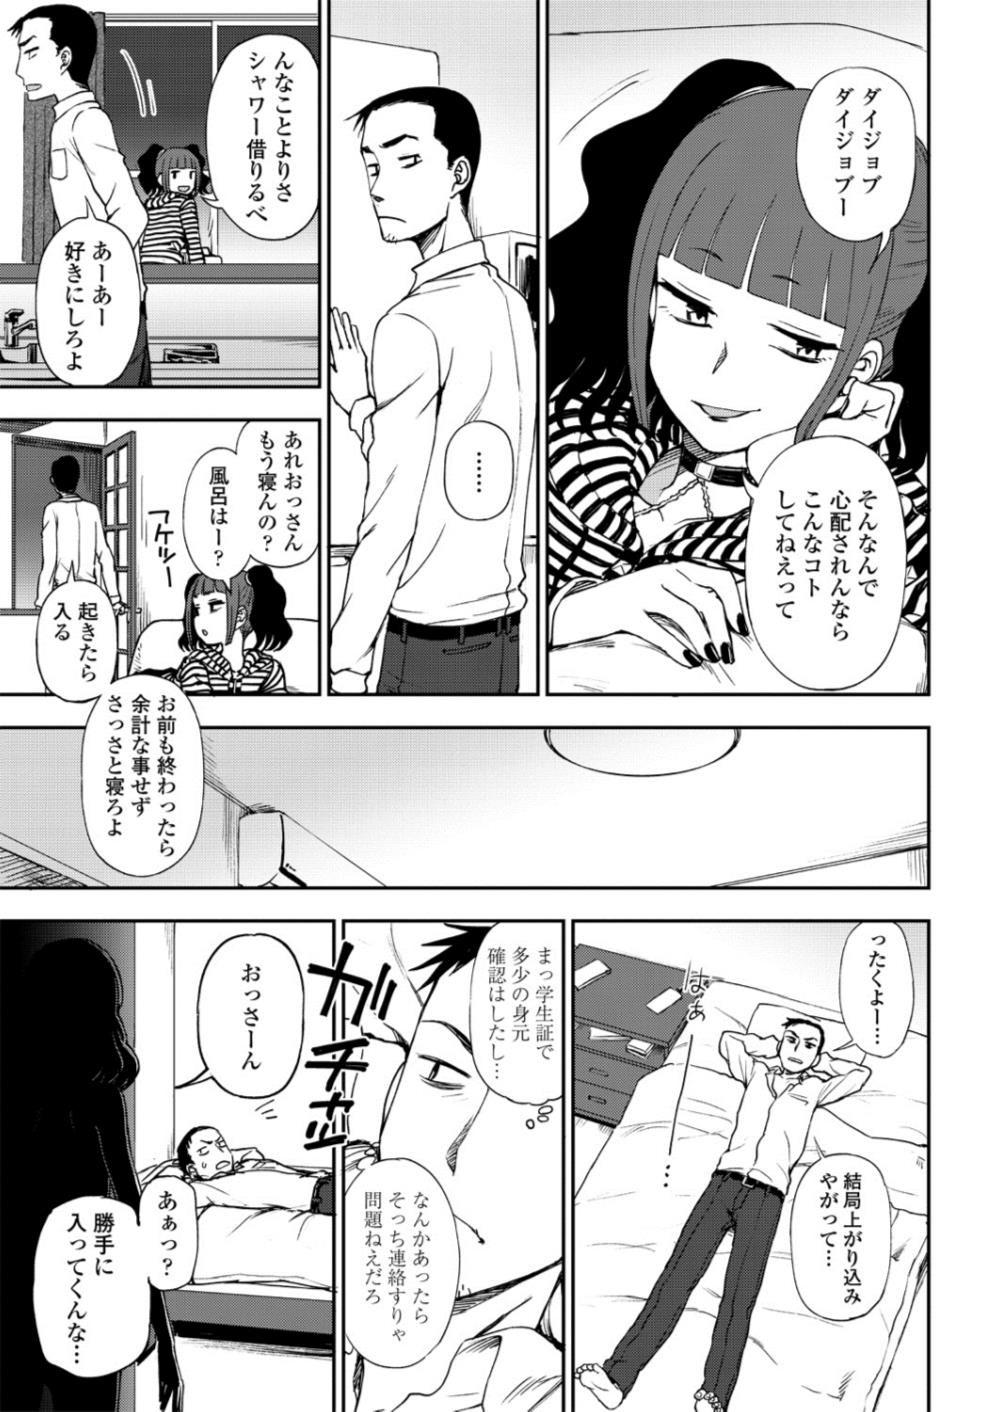 【エロ漫画】ギャルビッチJKを一晩泊めるリーマン…勿論生中出し援交ファックしちゃいますww【くまのとおる:しかられたくて、イケナイ子】